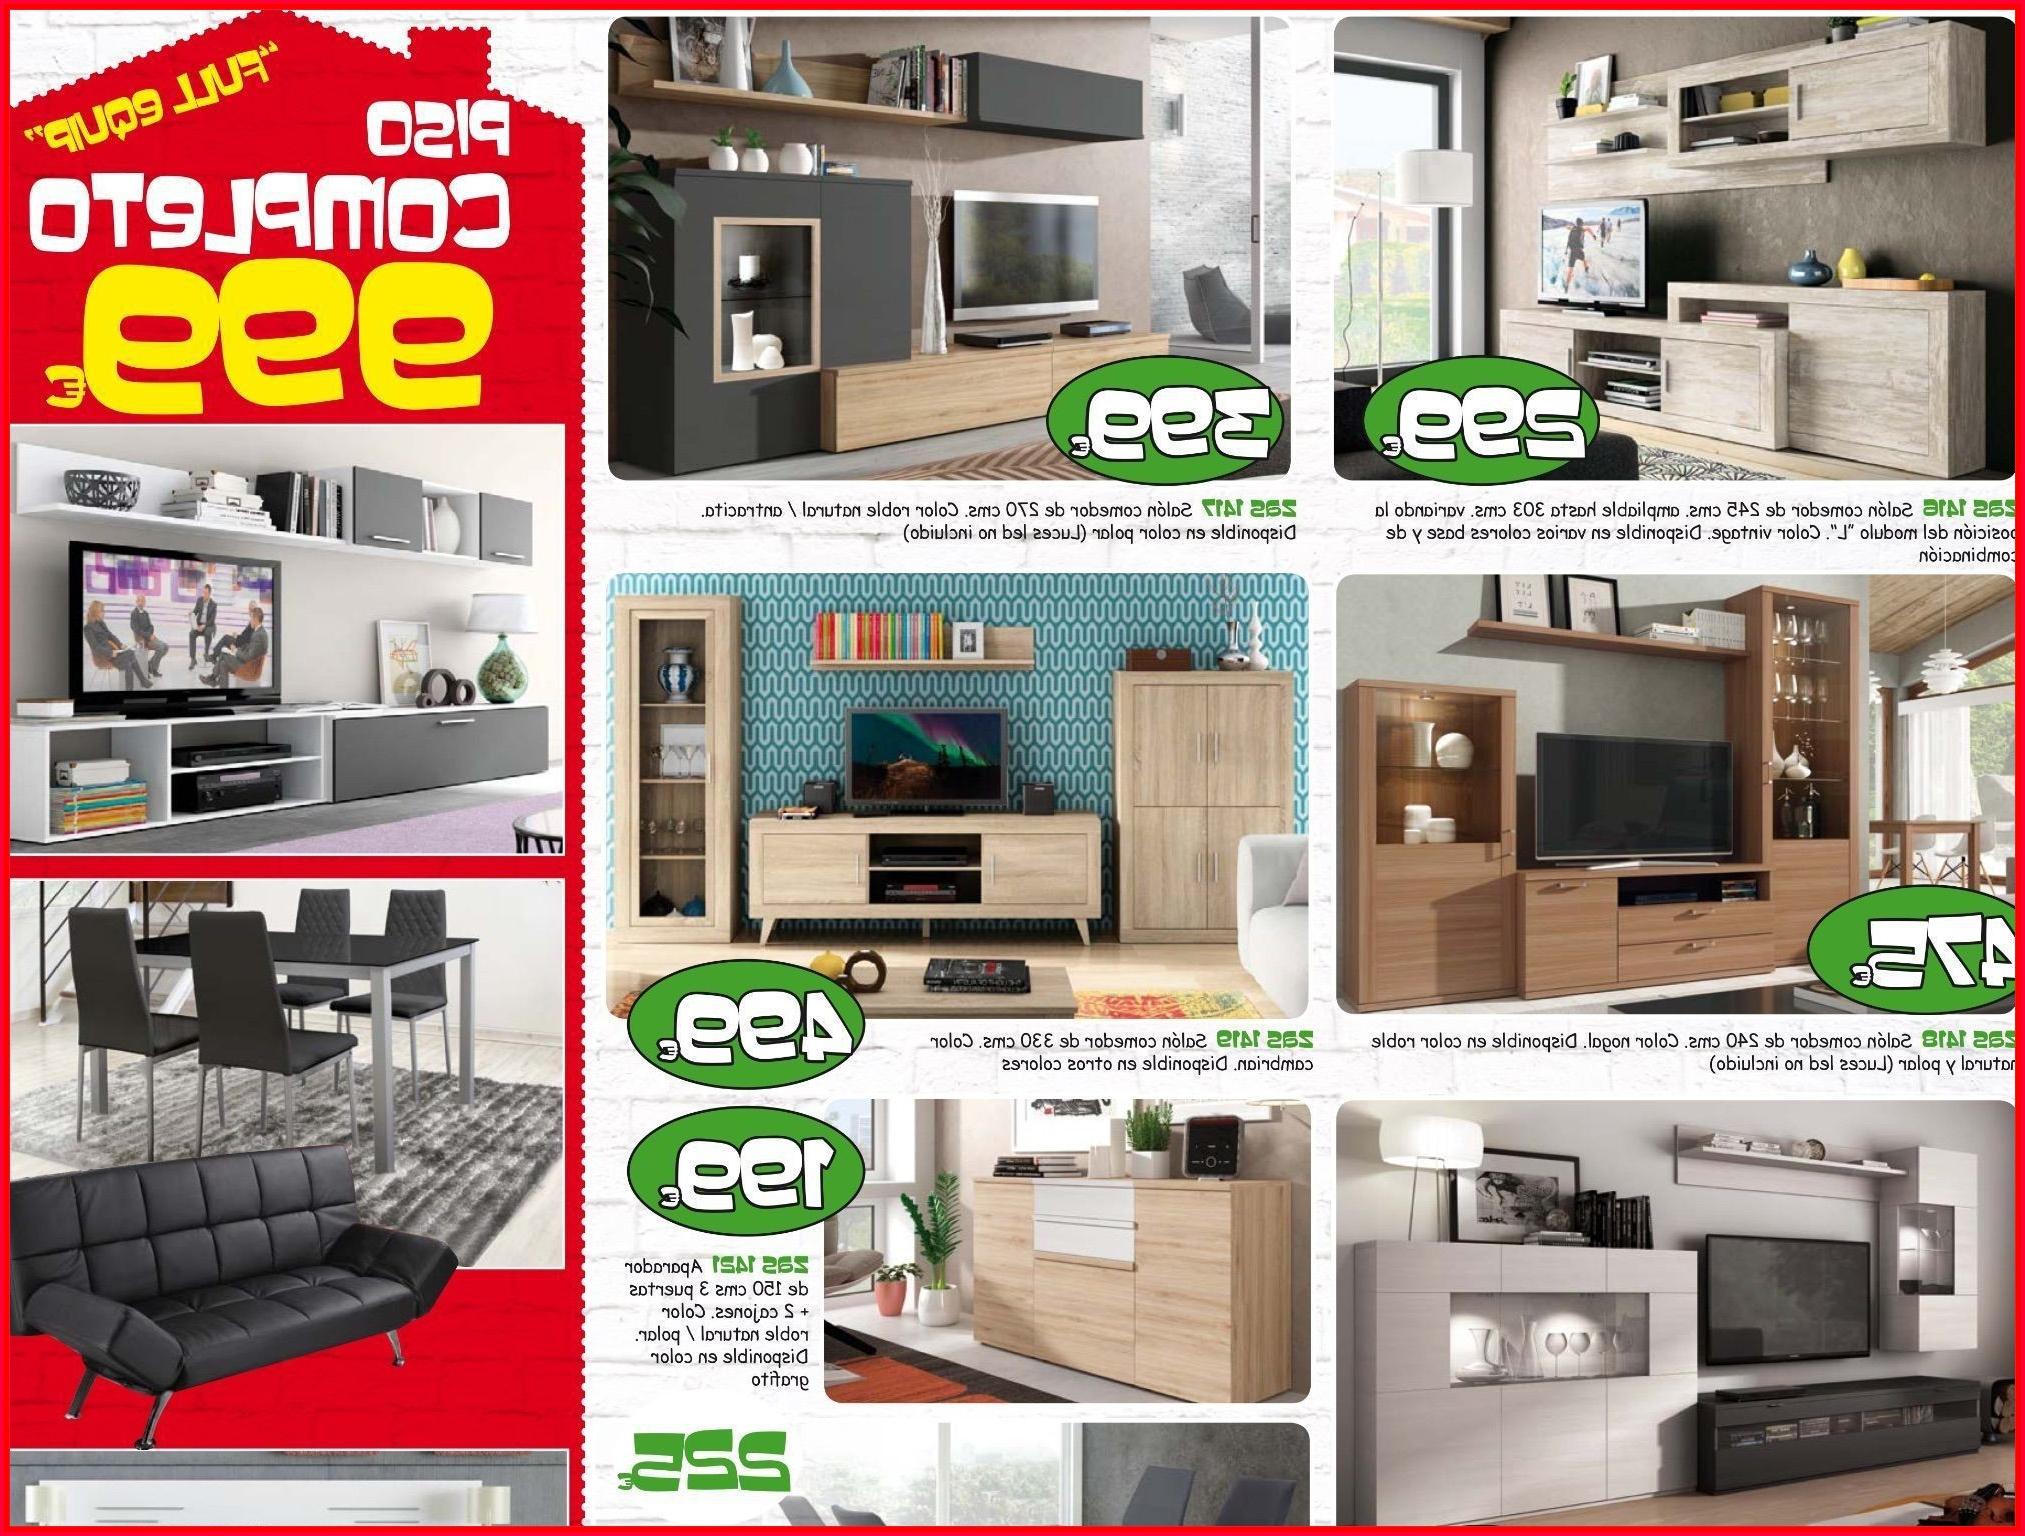 Muebles Baratos En Valencia Q5df Reciente Muebles Baratos En Valencia Fotos De Muebles Idea